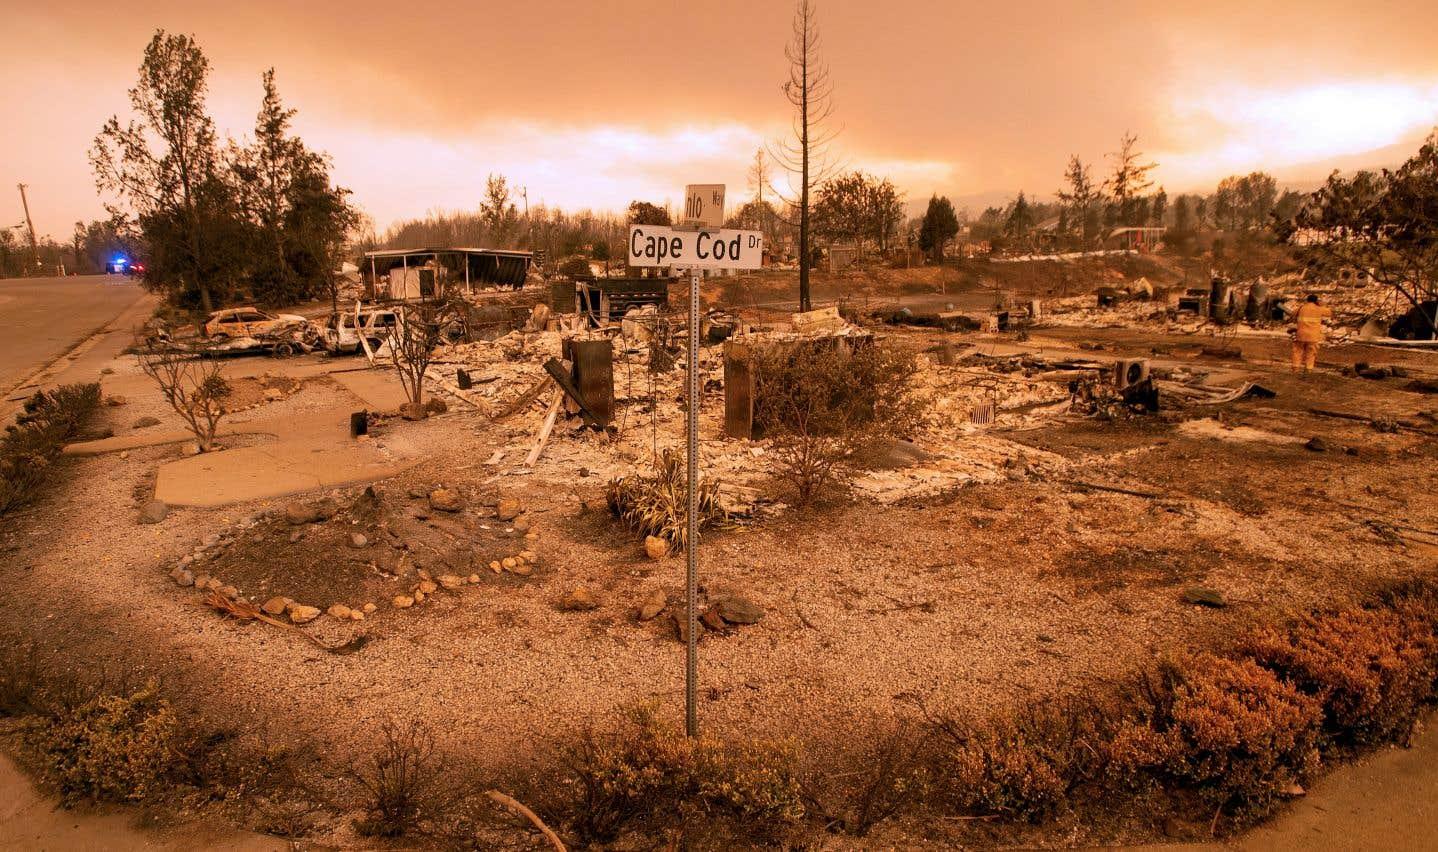 L'incendie a également détruit 500 bâtiments et en a endommagé 75 autres.